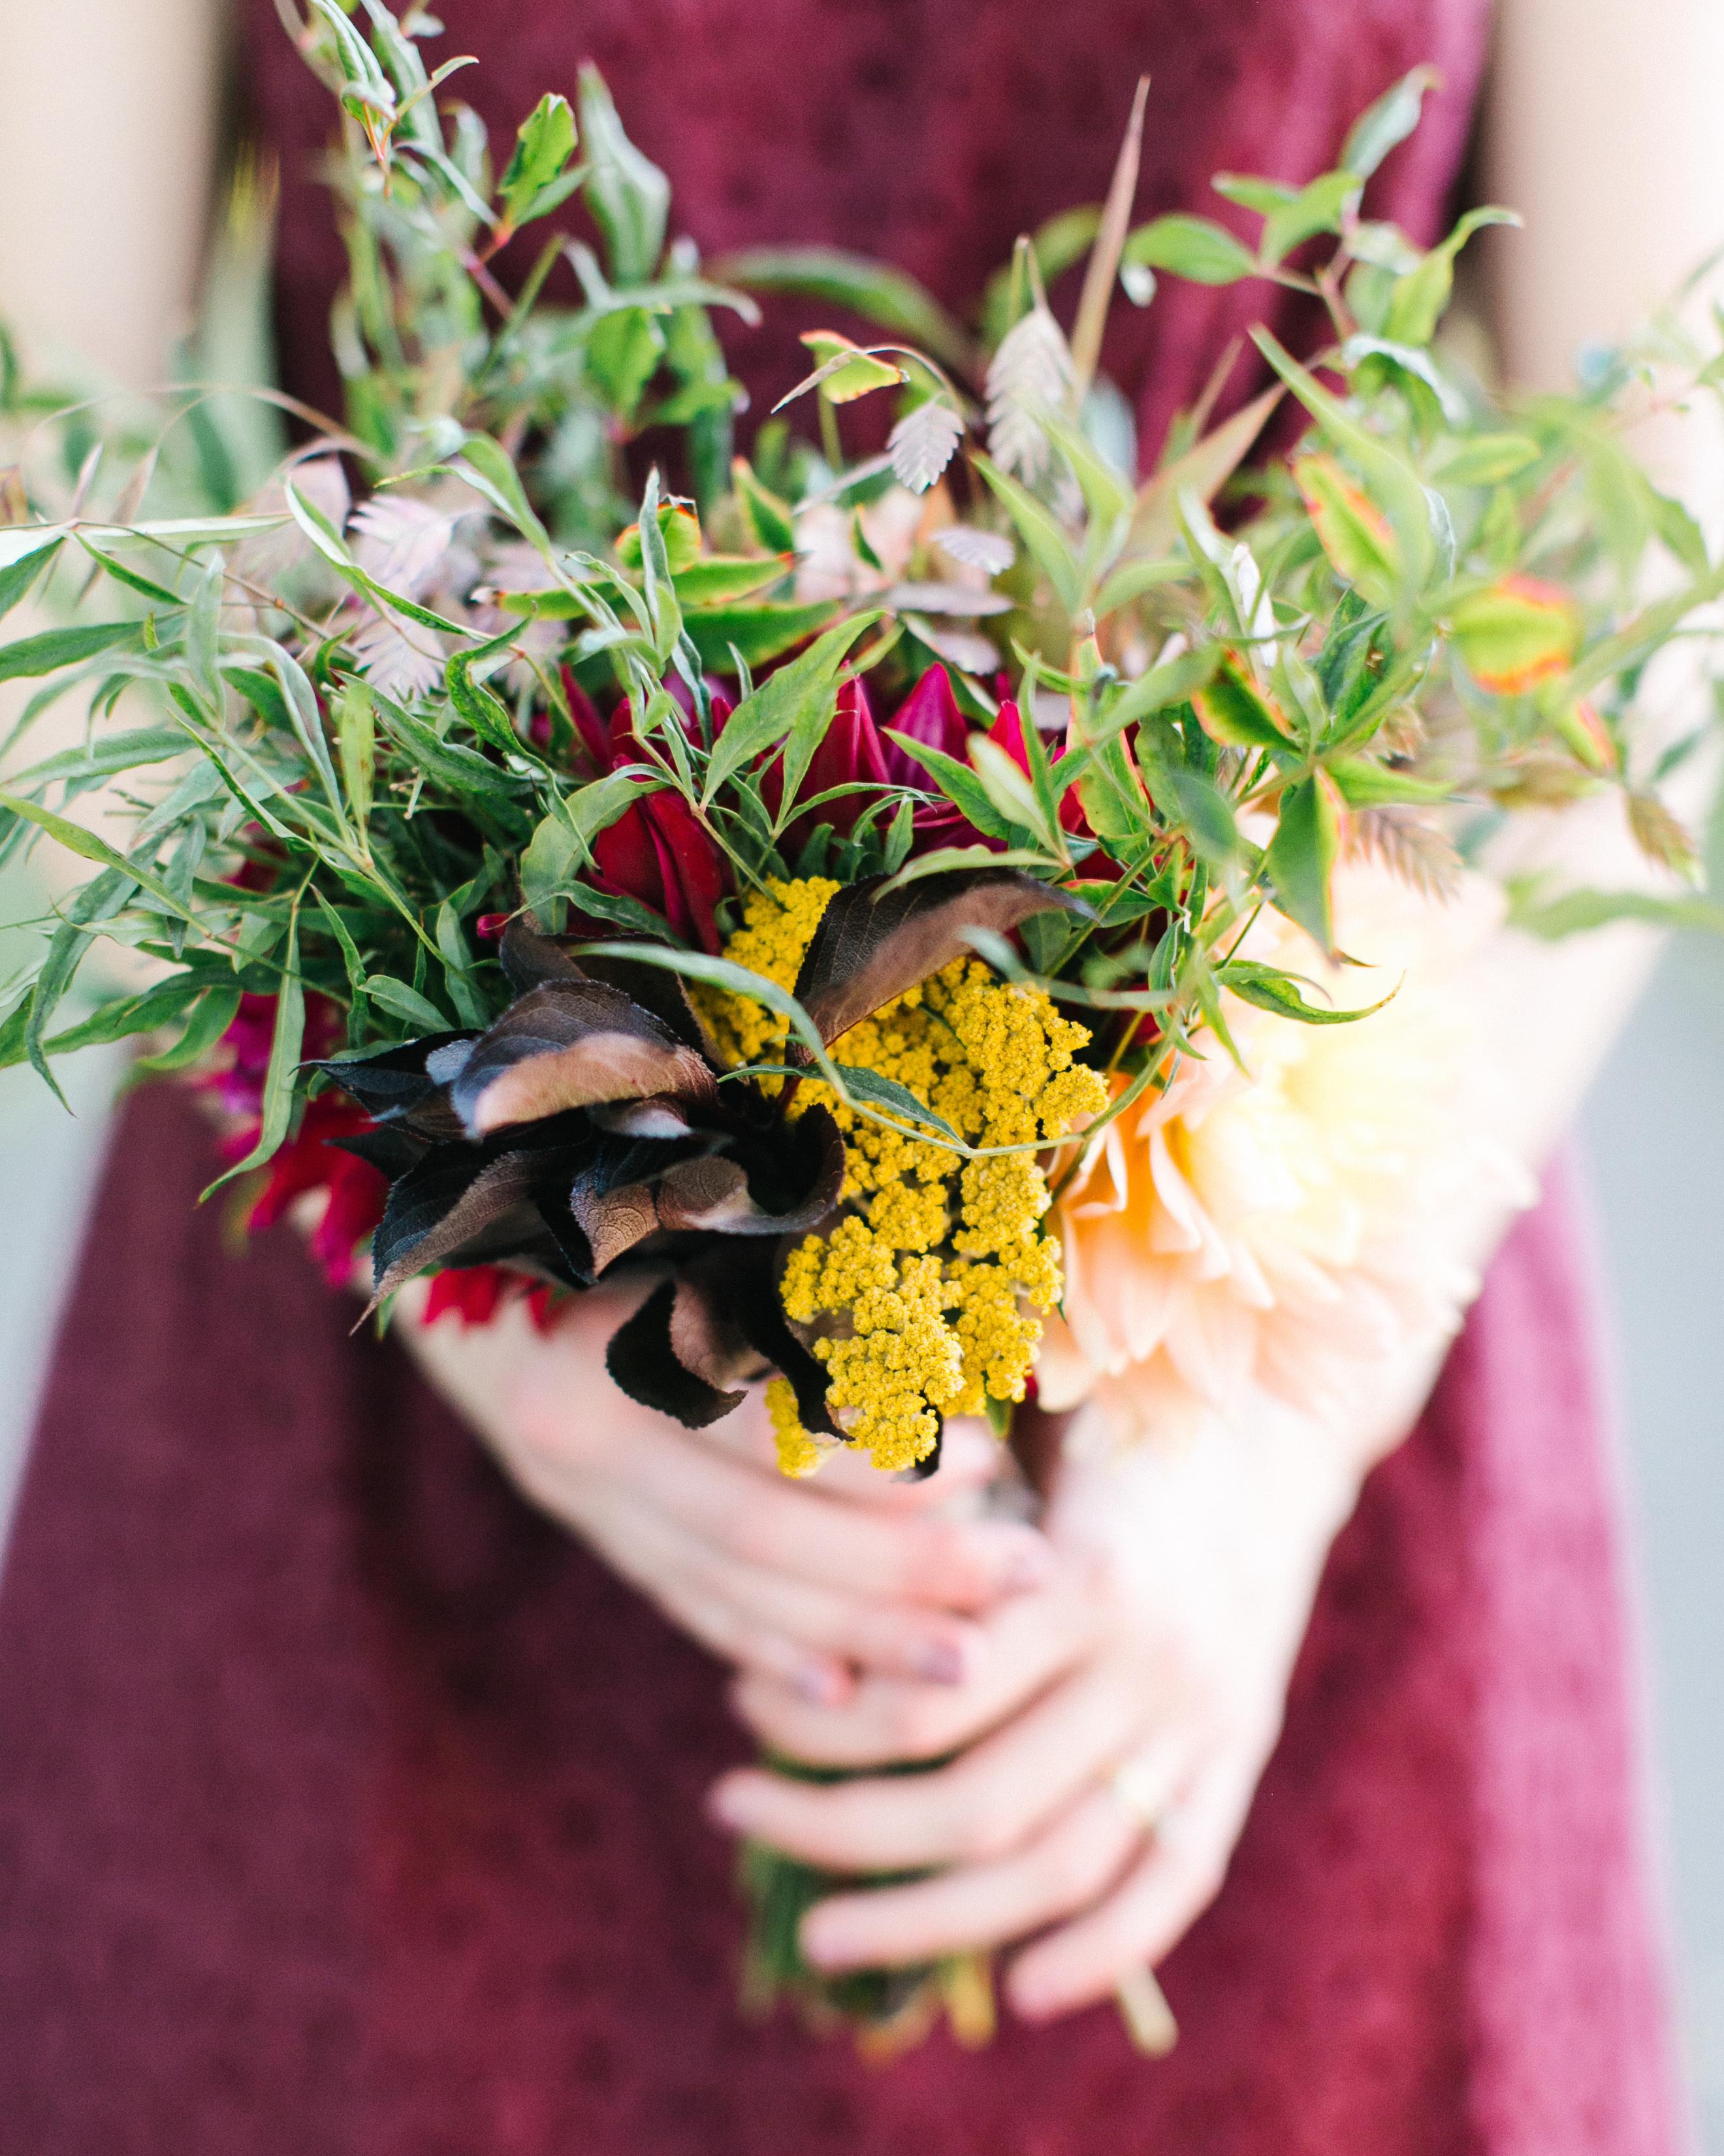 marguerita-aaron-wedding-bouquet-209-s111848-0214.jpg